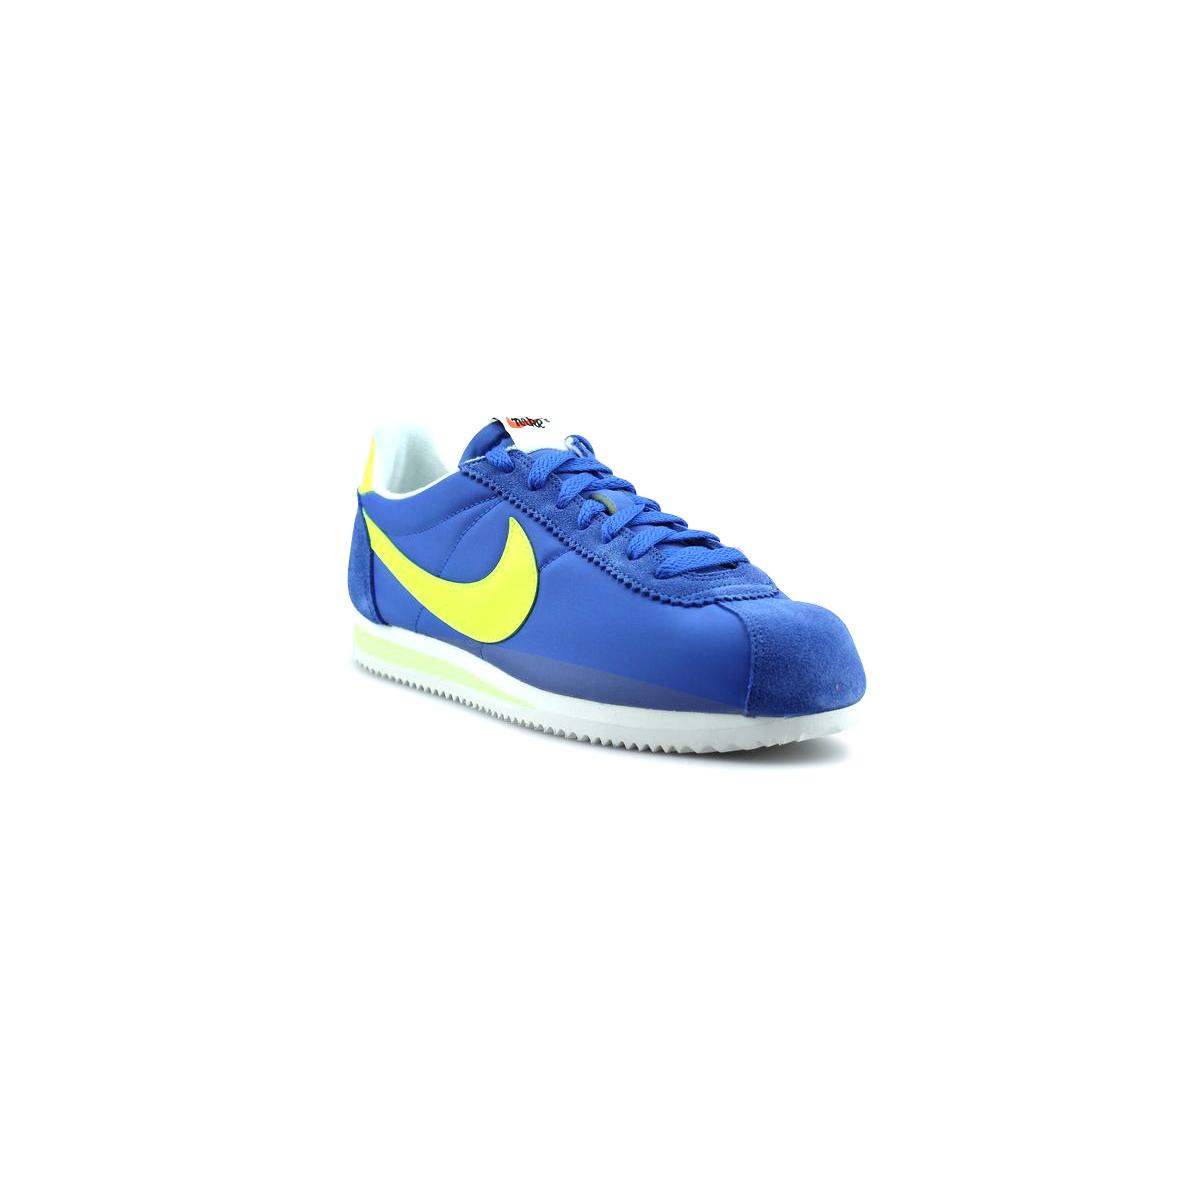 Nike Classic Cortez Nylon Aw Bleu 844855-470 43